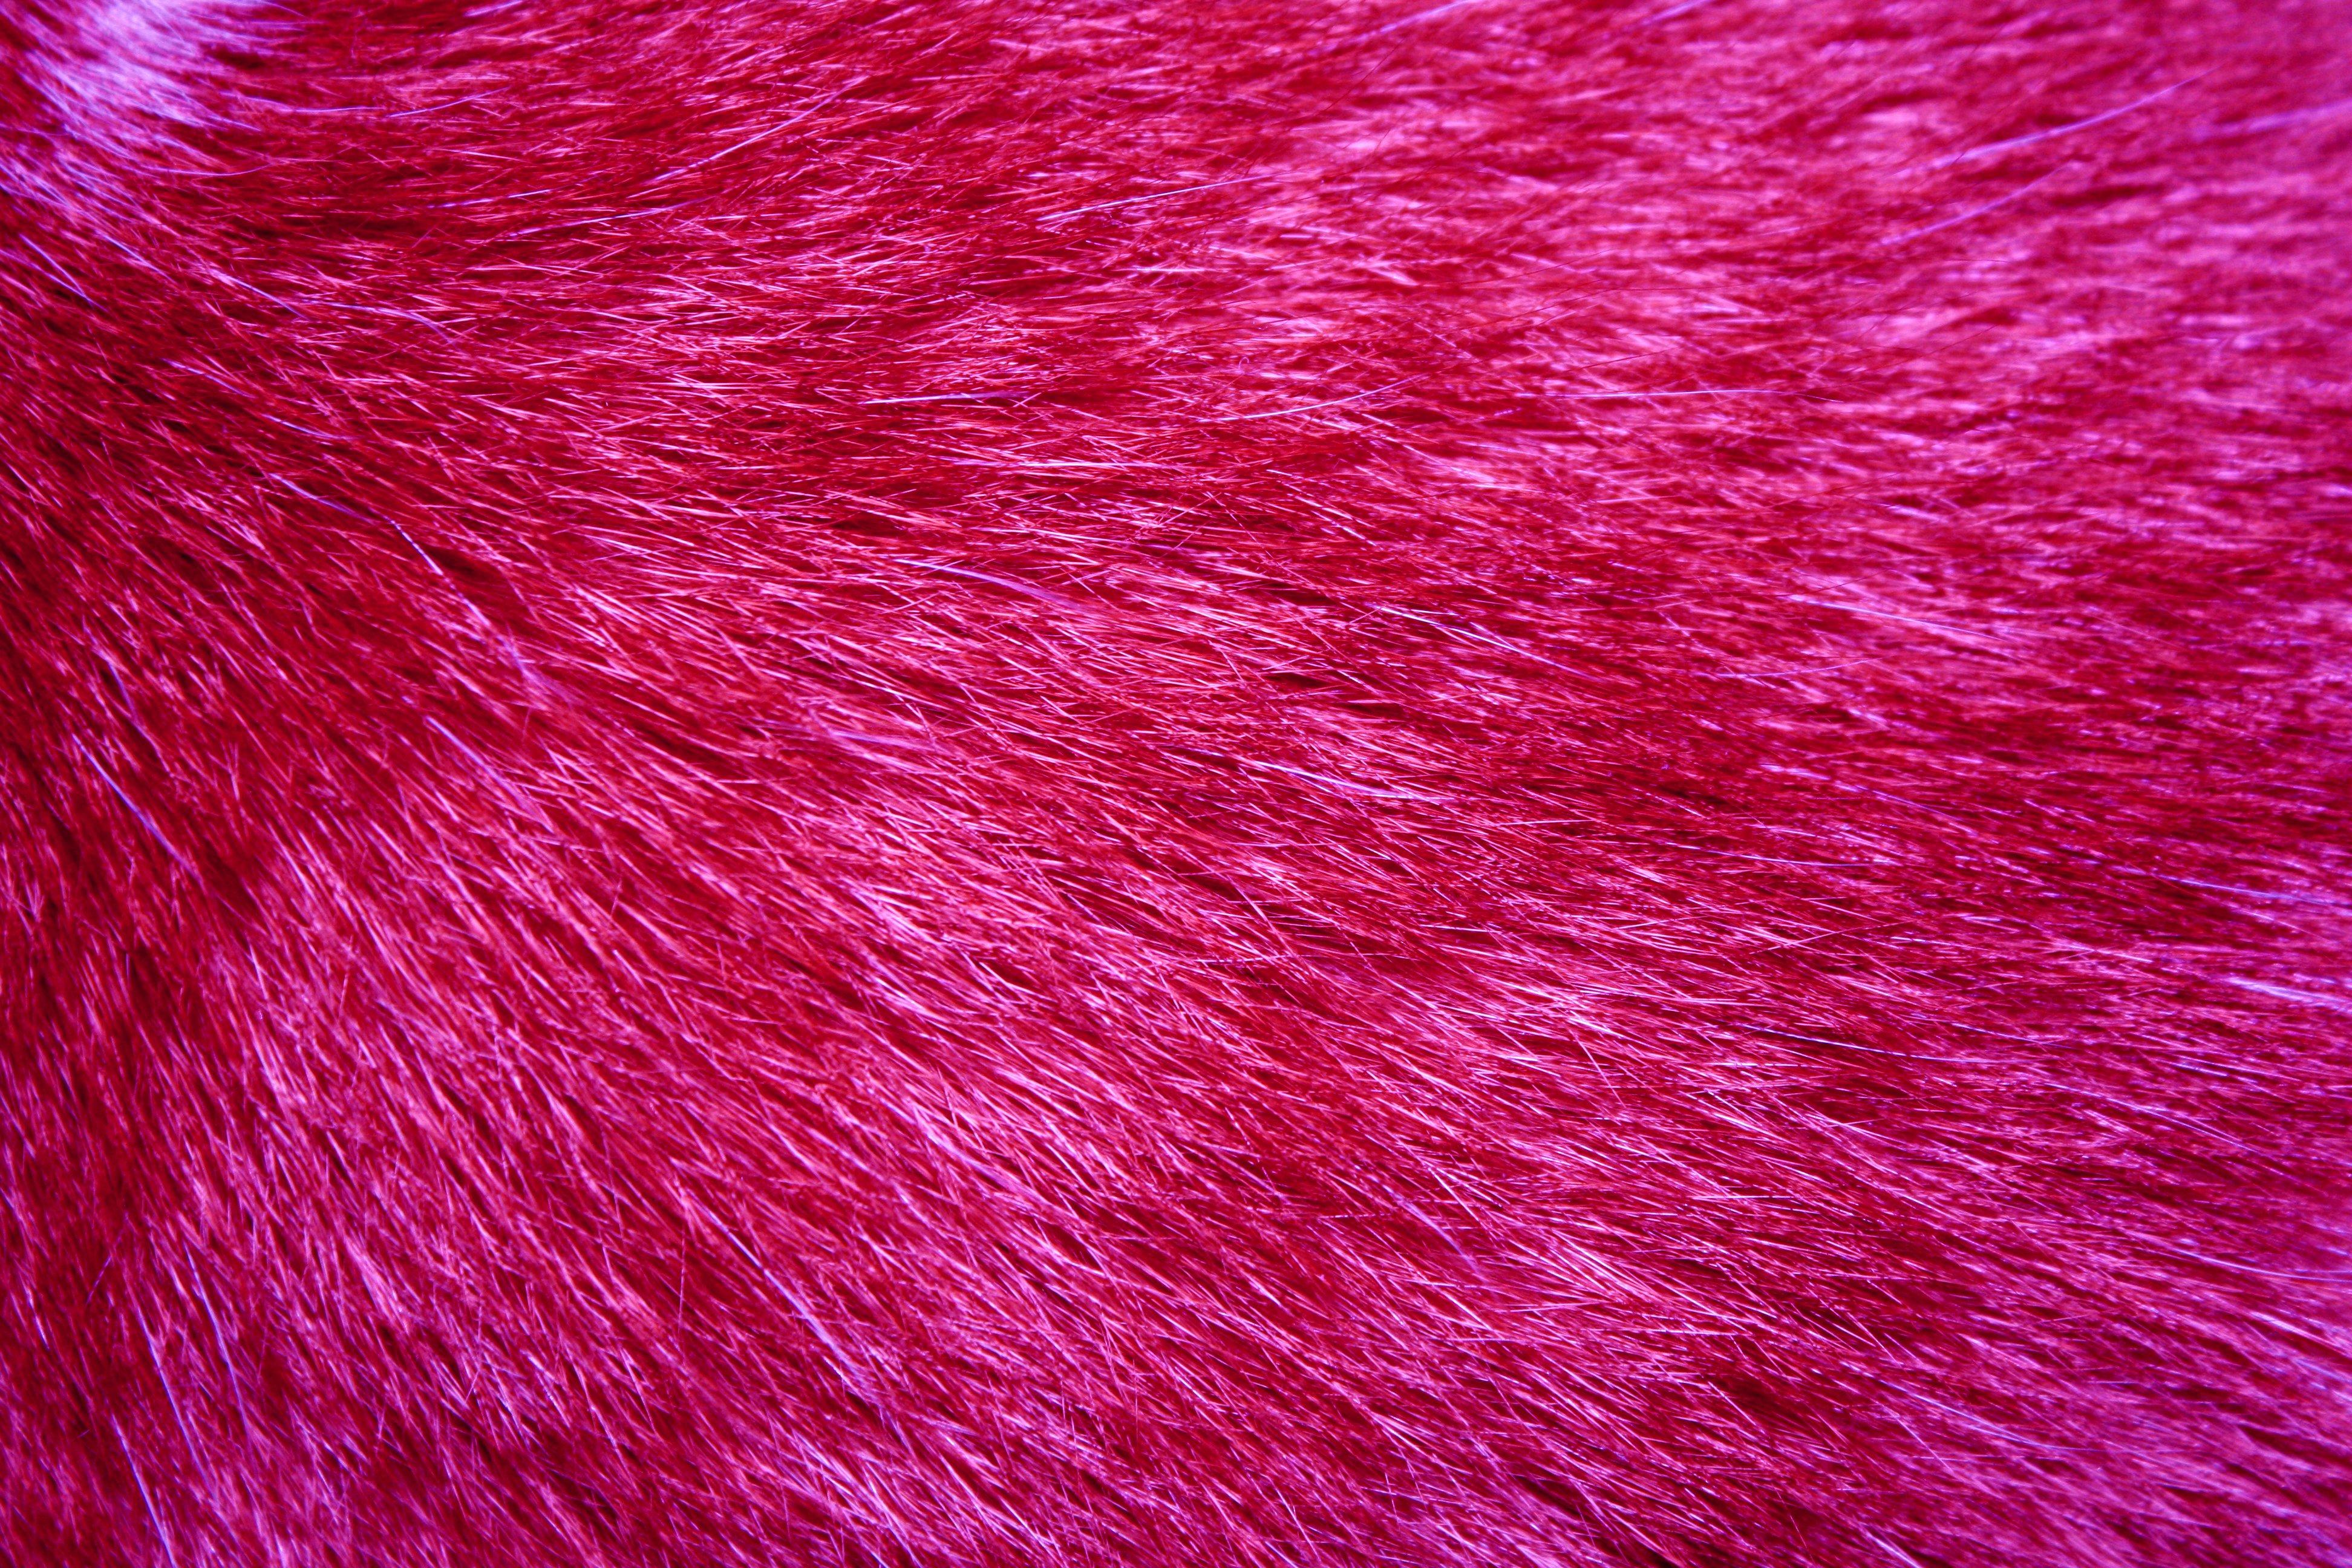 Fuchsia Fur Texture   High Resolution Photo   Dimensions 3888 3888x2592